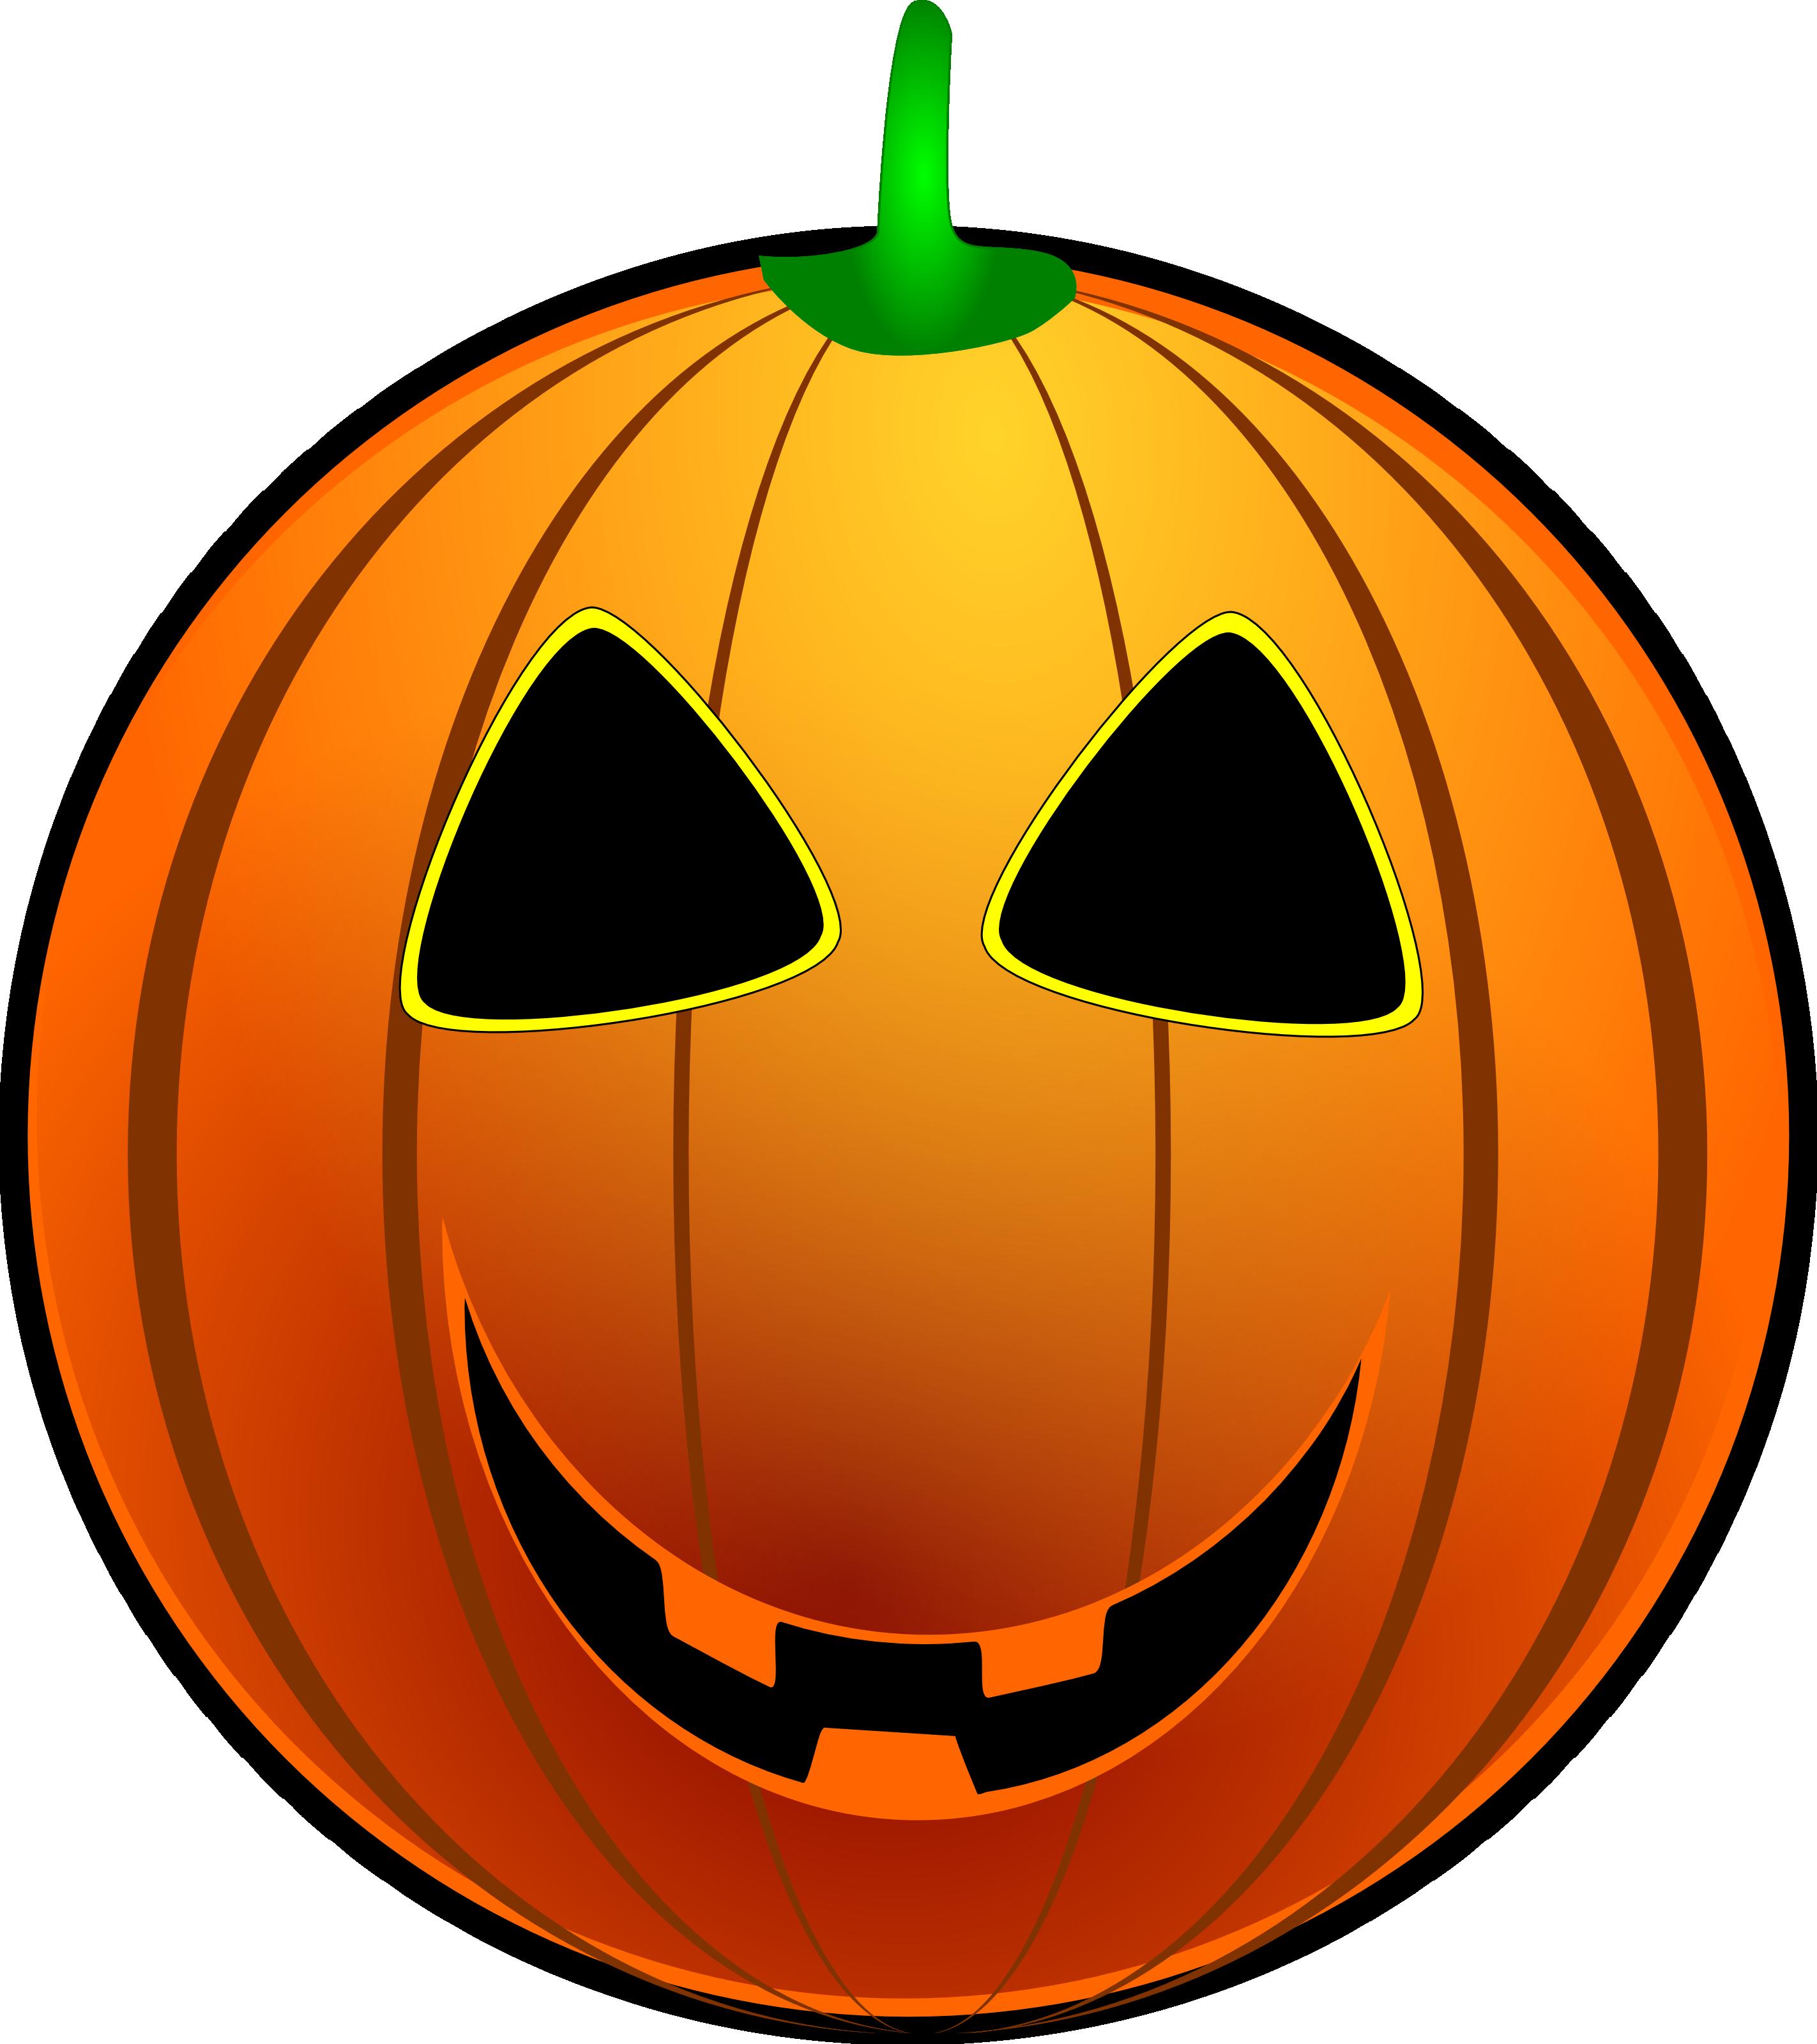 Jack o lantern face. Pumpkin clipart basic